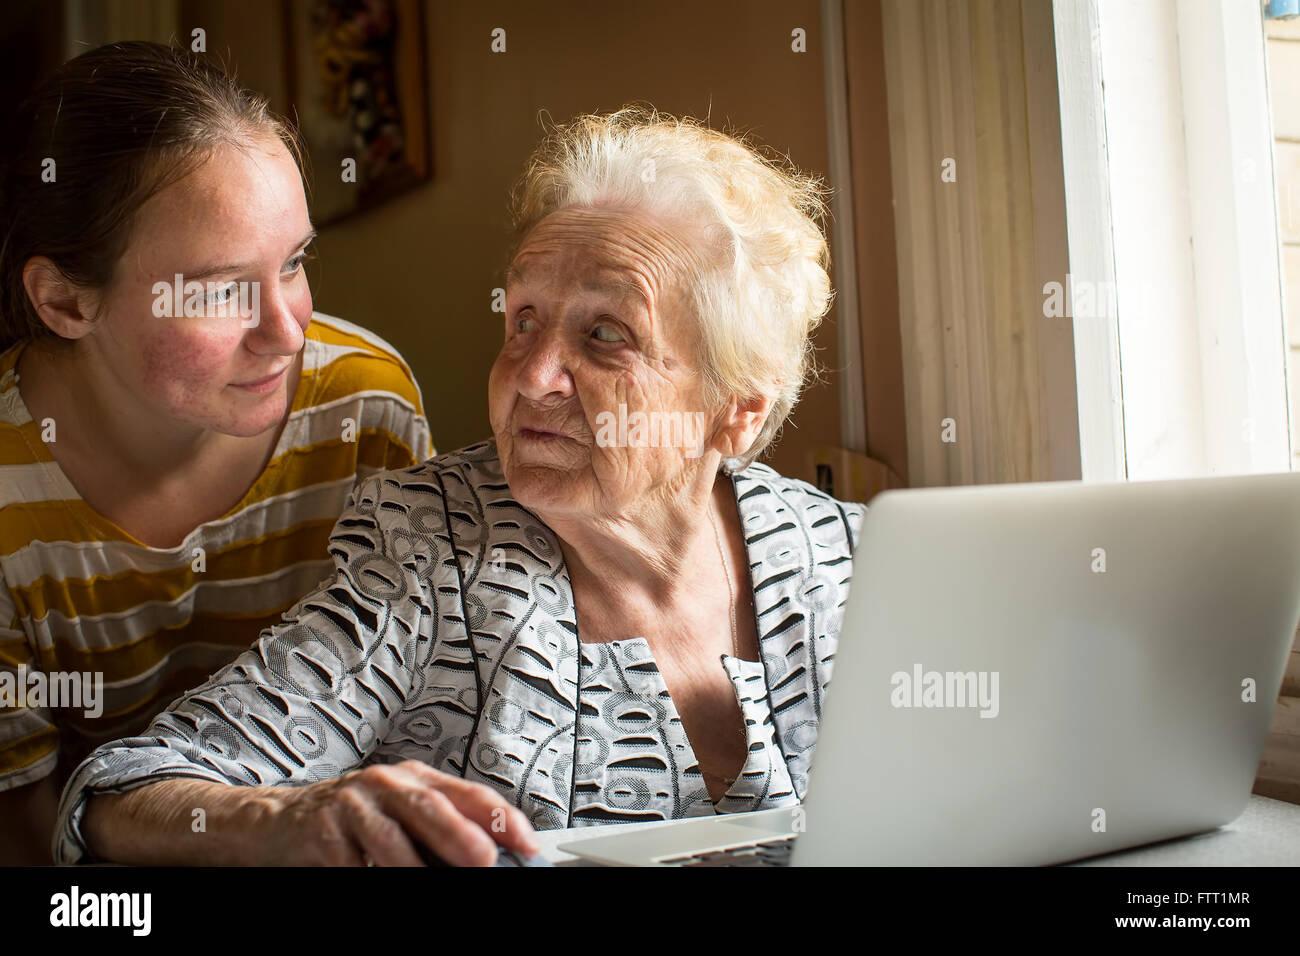 Joven enseña a su abuela a usar una computadora. Imagen De Stock